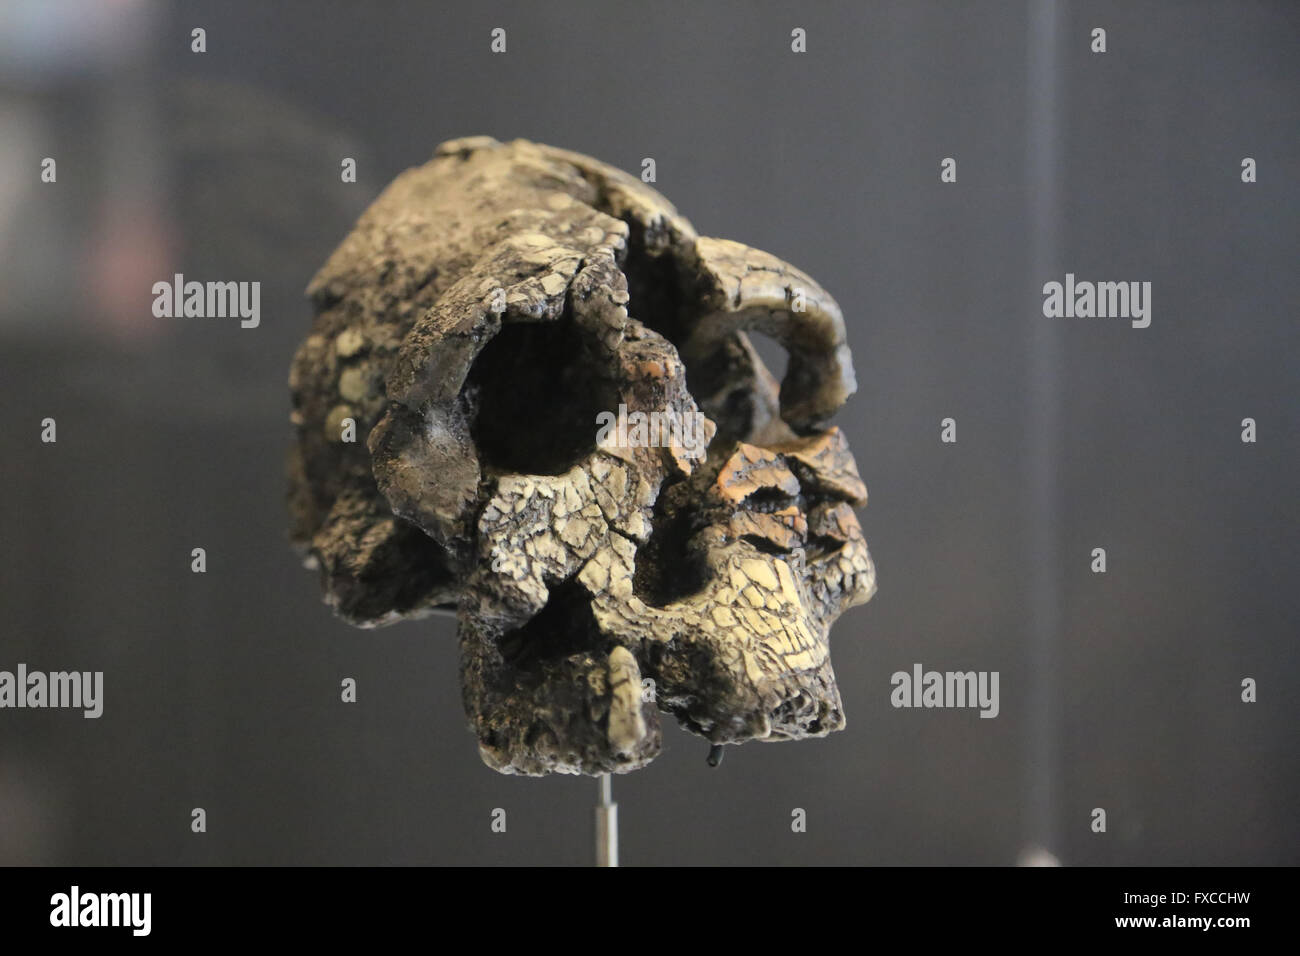 Kenyanthropus platyops. Kenya. Lake Turkana. Africa. -3,5 millions years ago. Pliocene. Brain Size: 350 cm3. - Stock Image